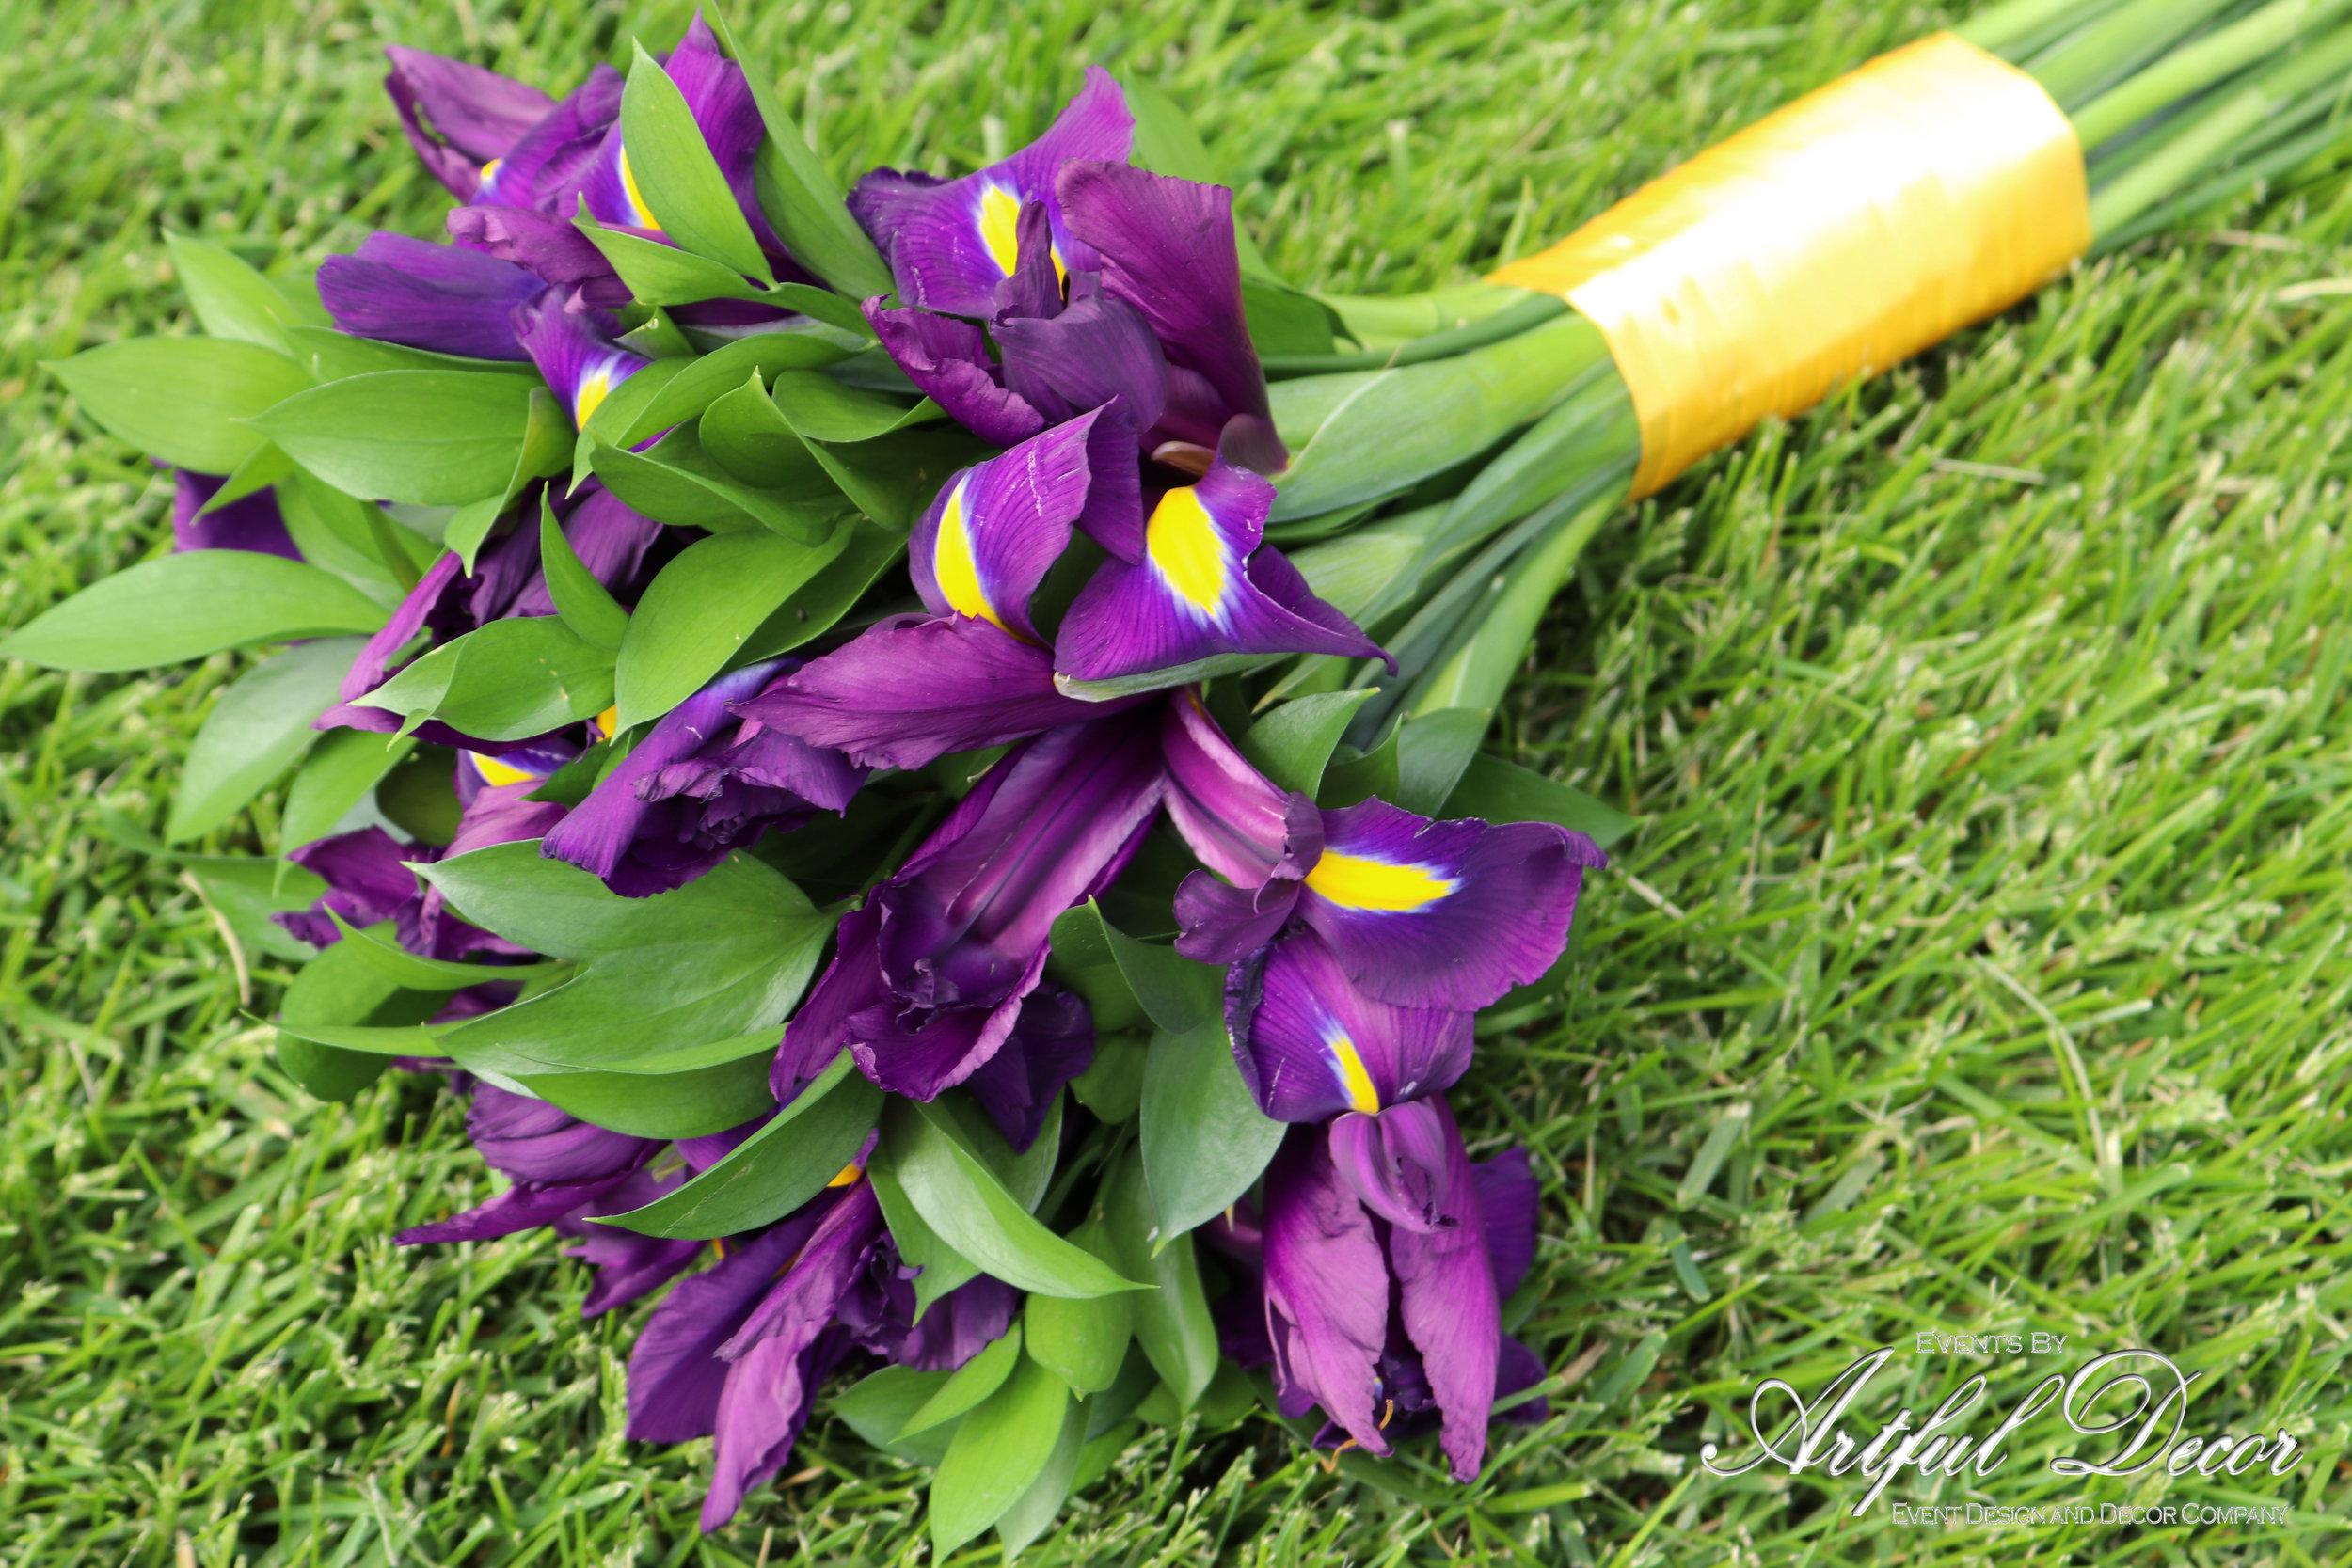 Bouquet 8 2 Copyright.jpg